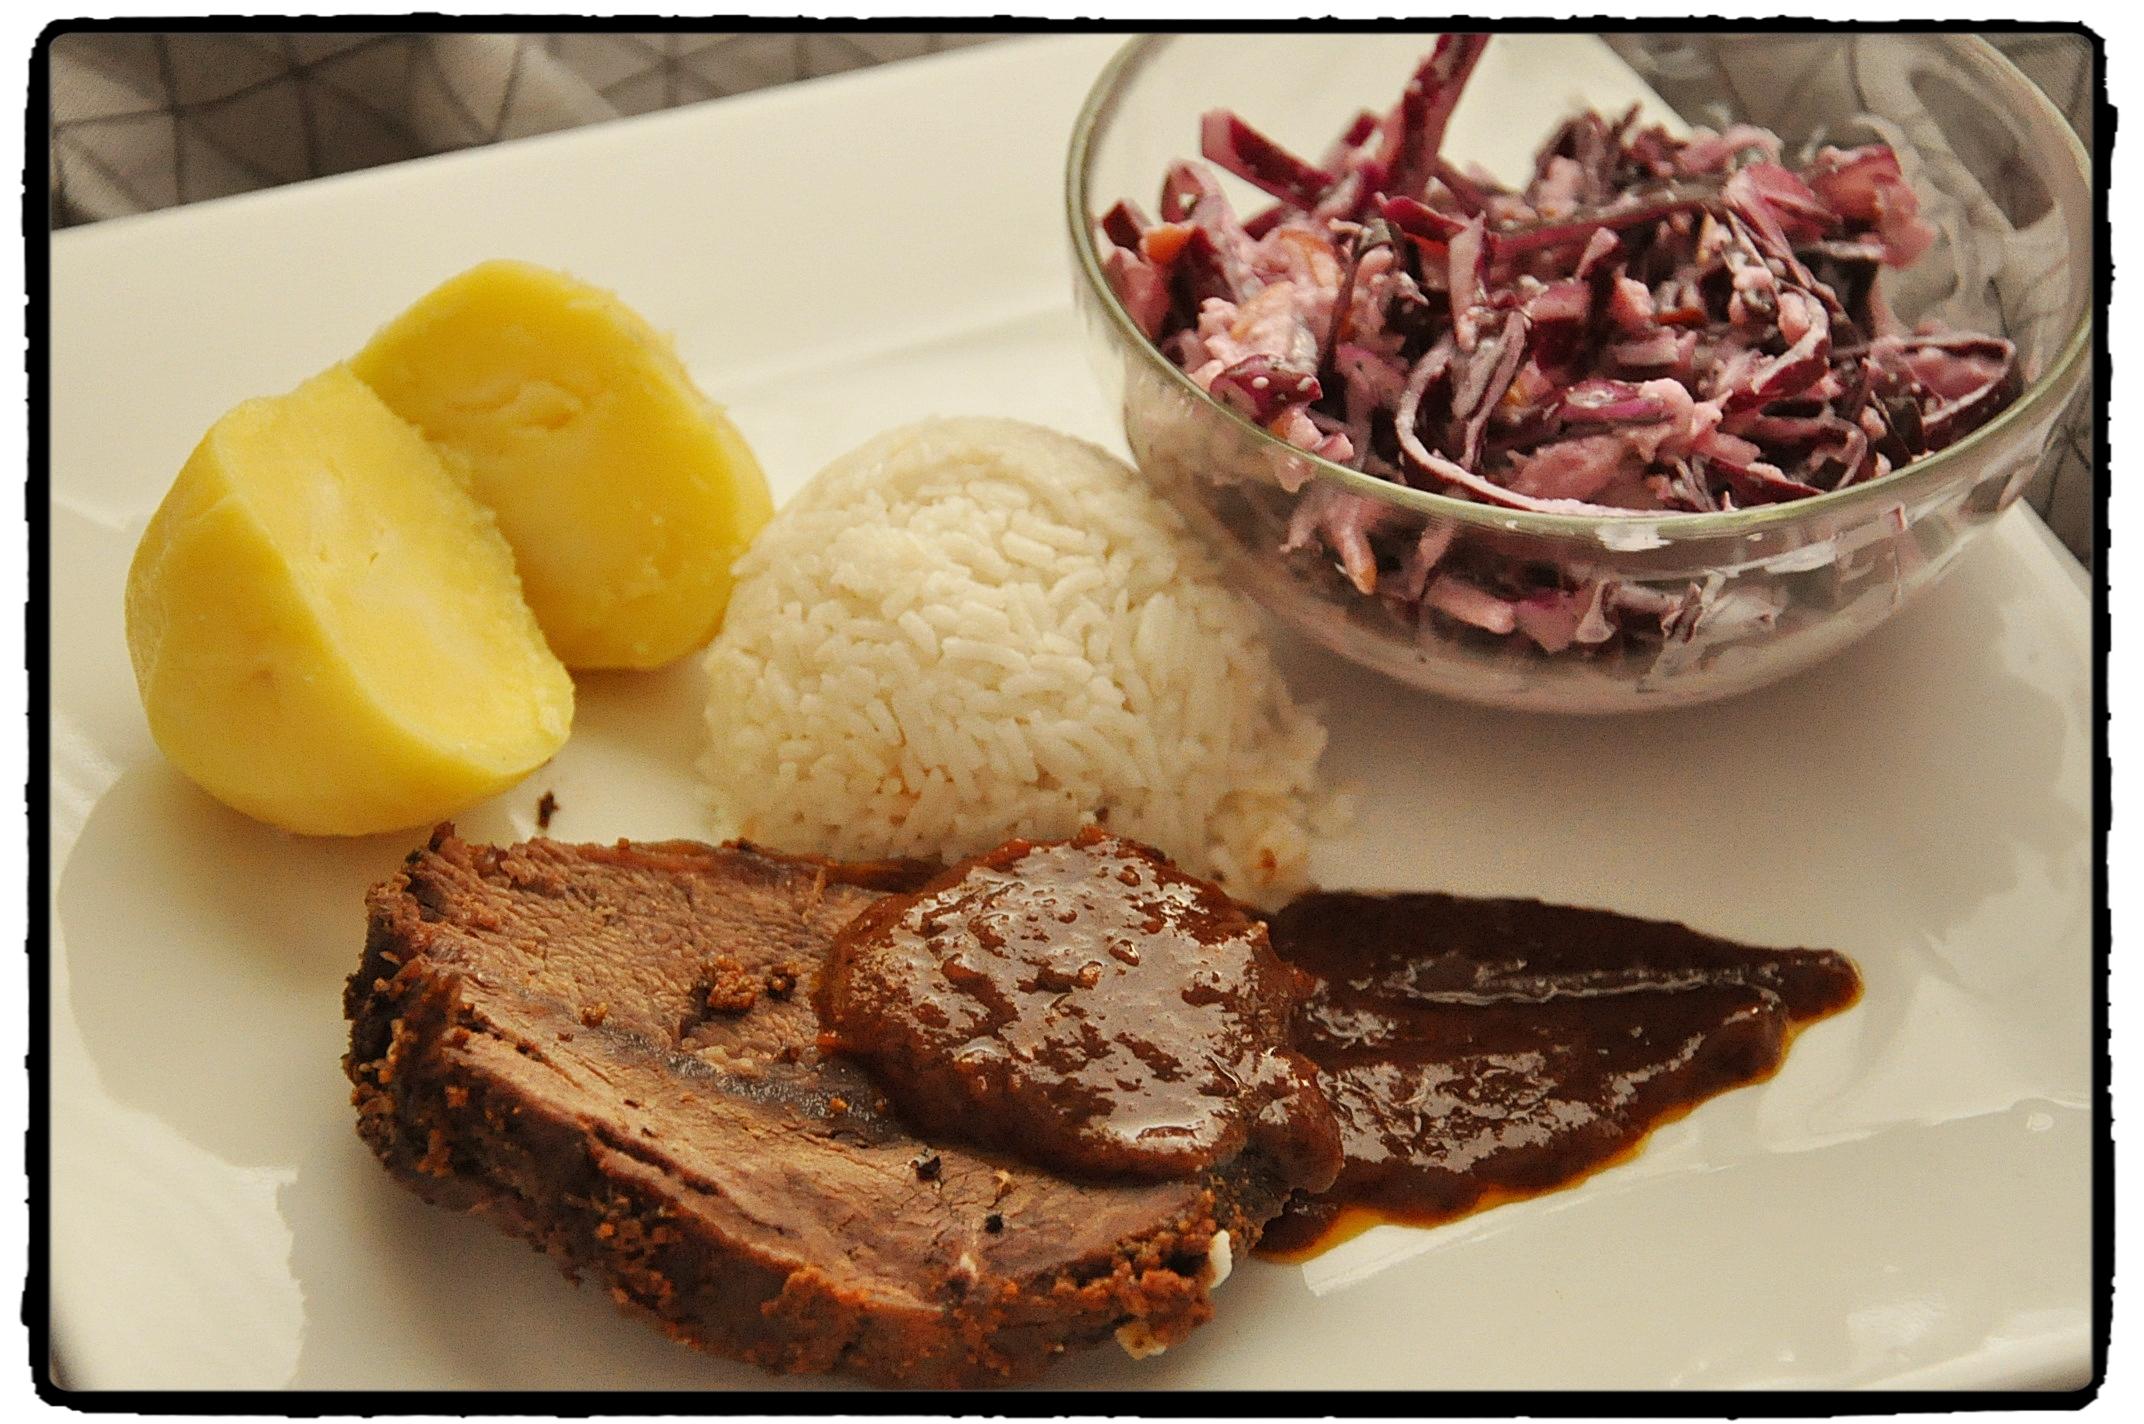 kapusta, mäso, ryža, zemiaky, šalát, chilli